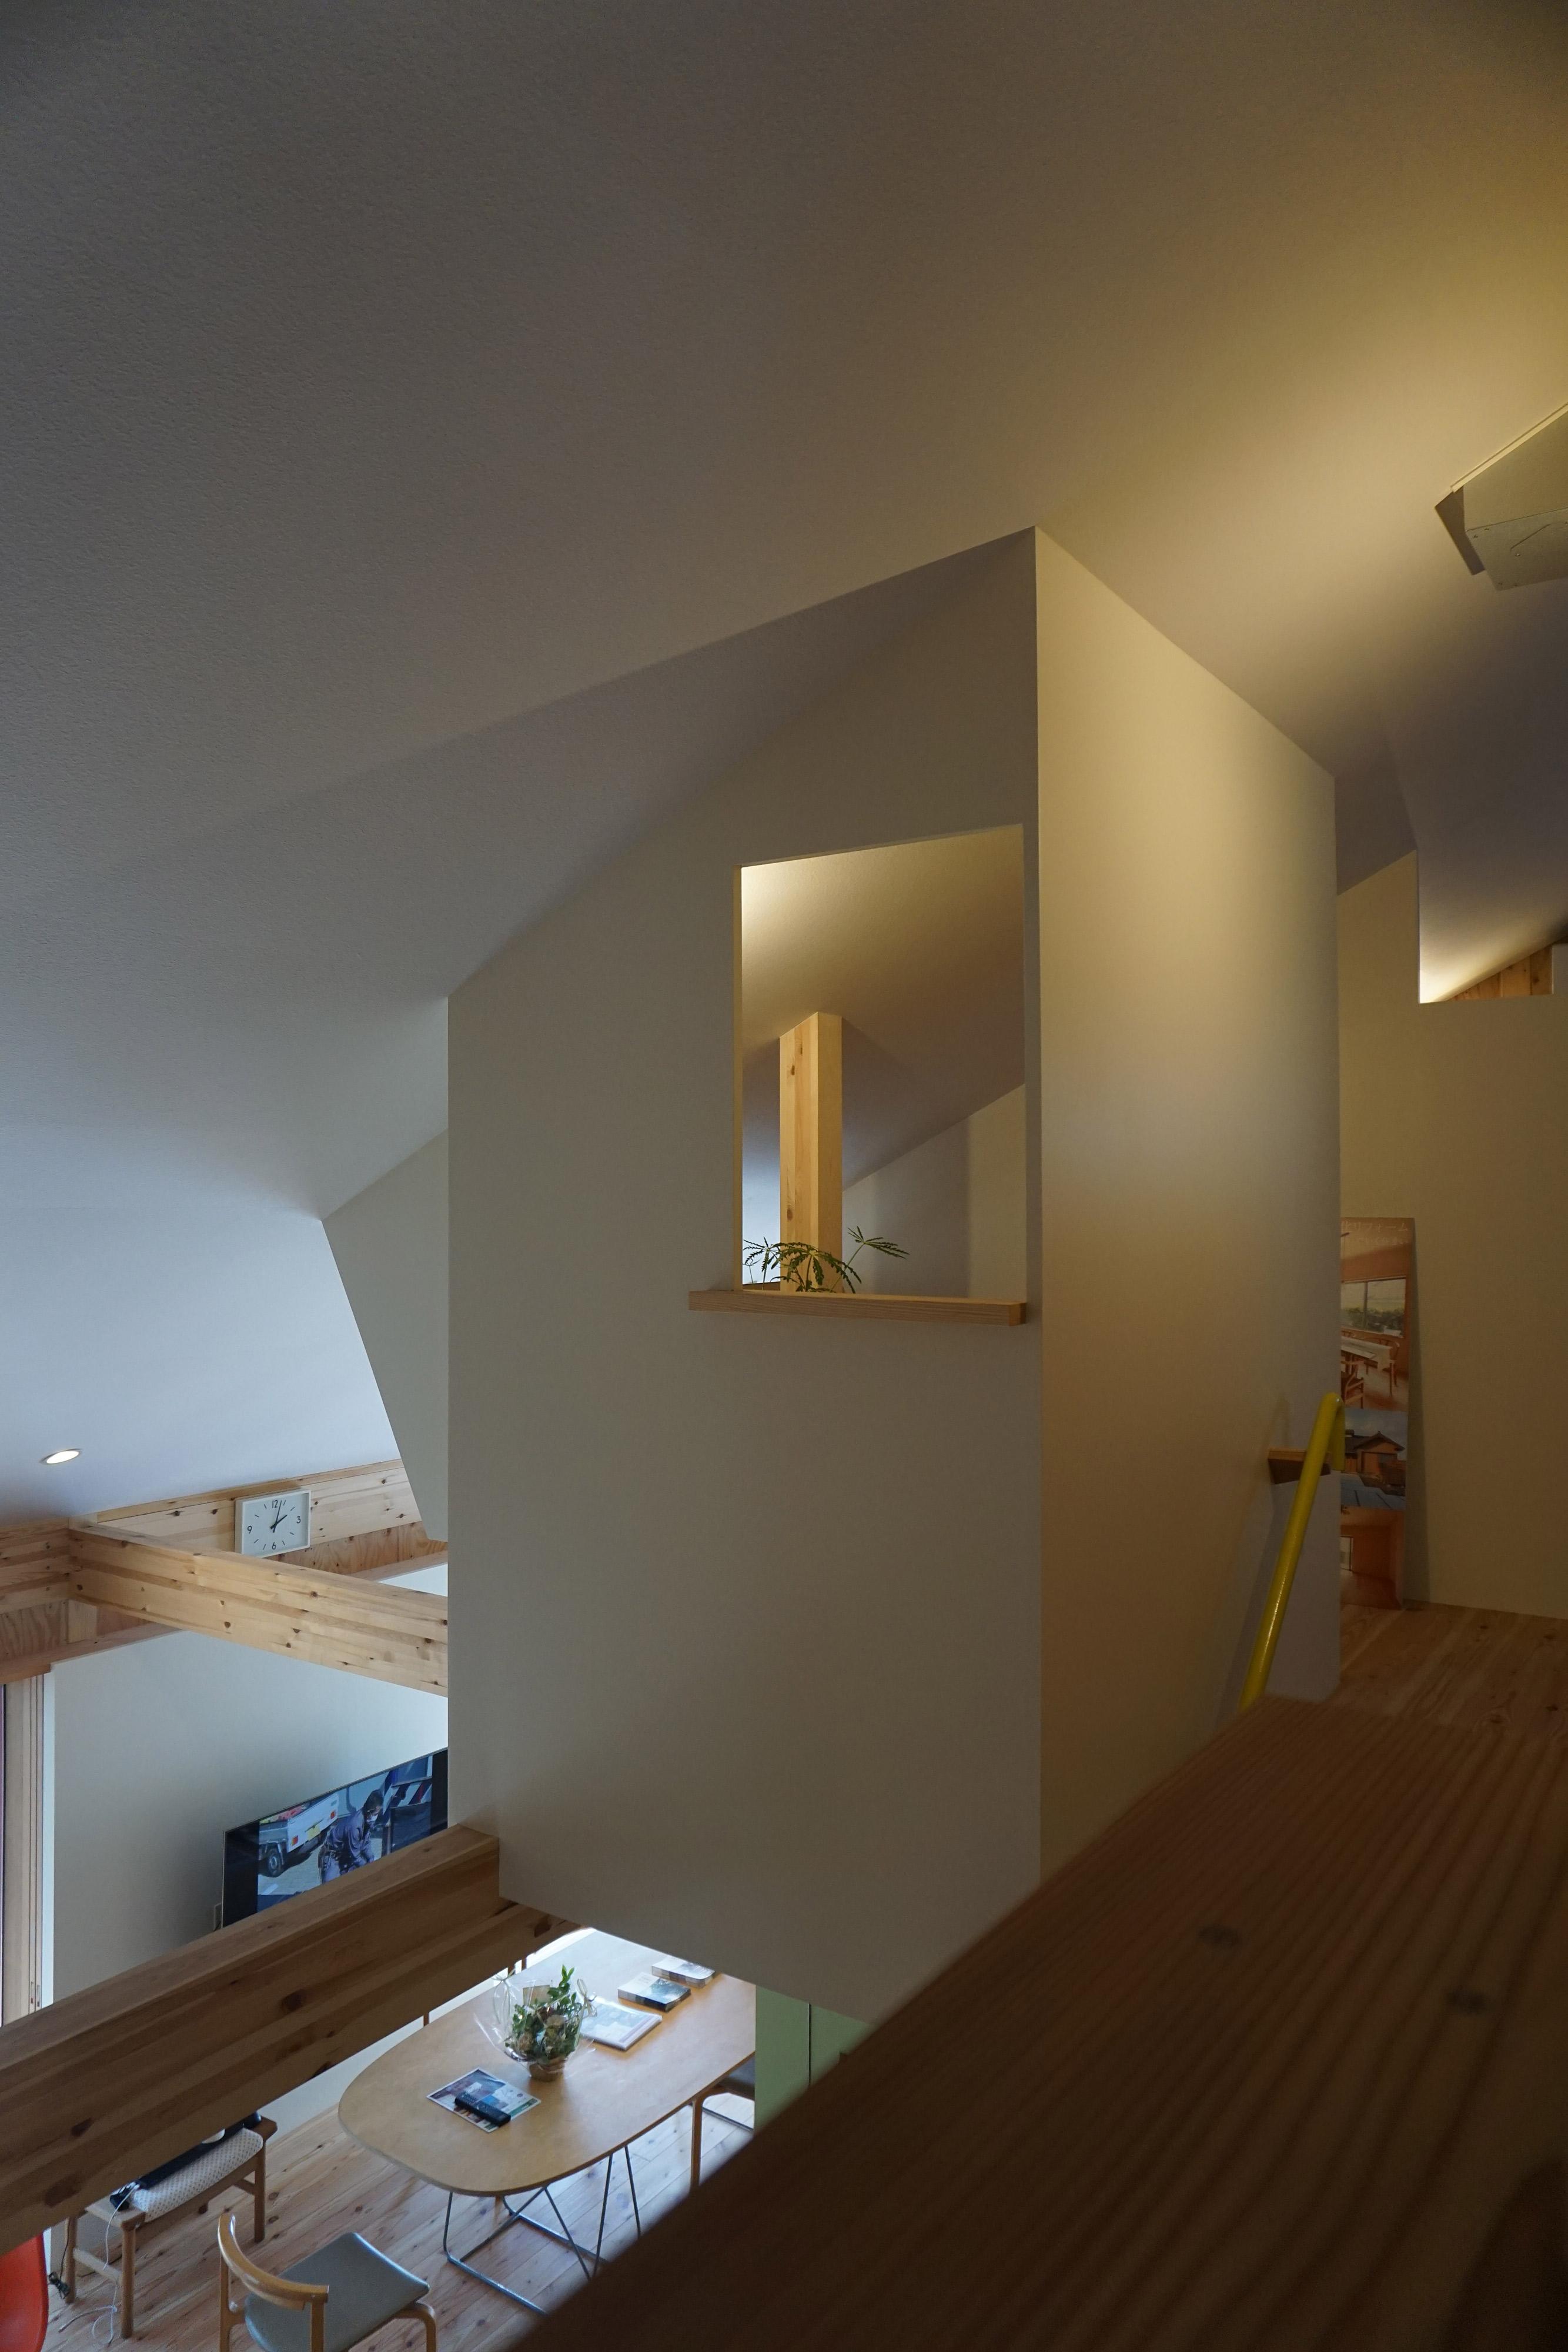 隠れ家のような小部屋